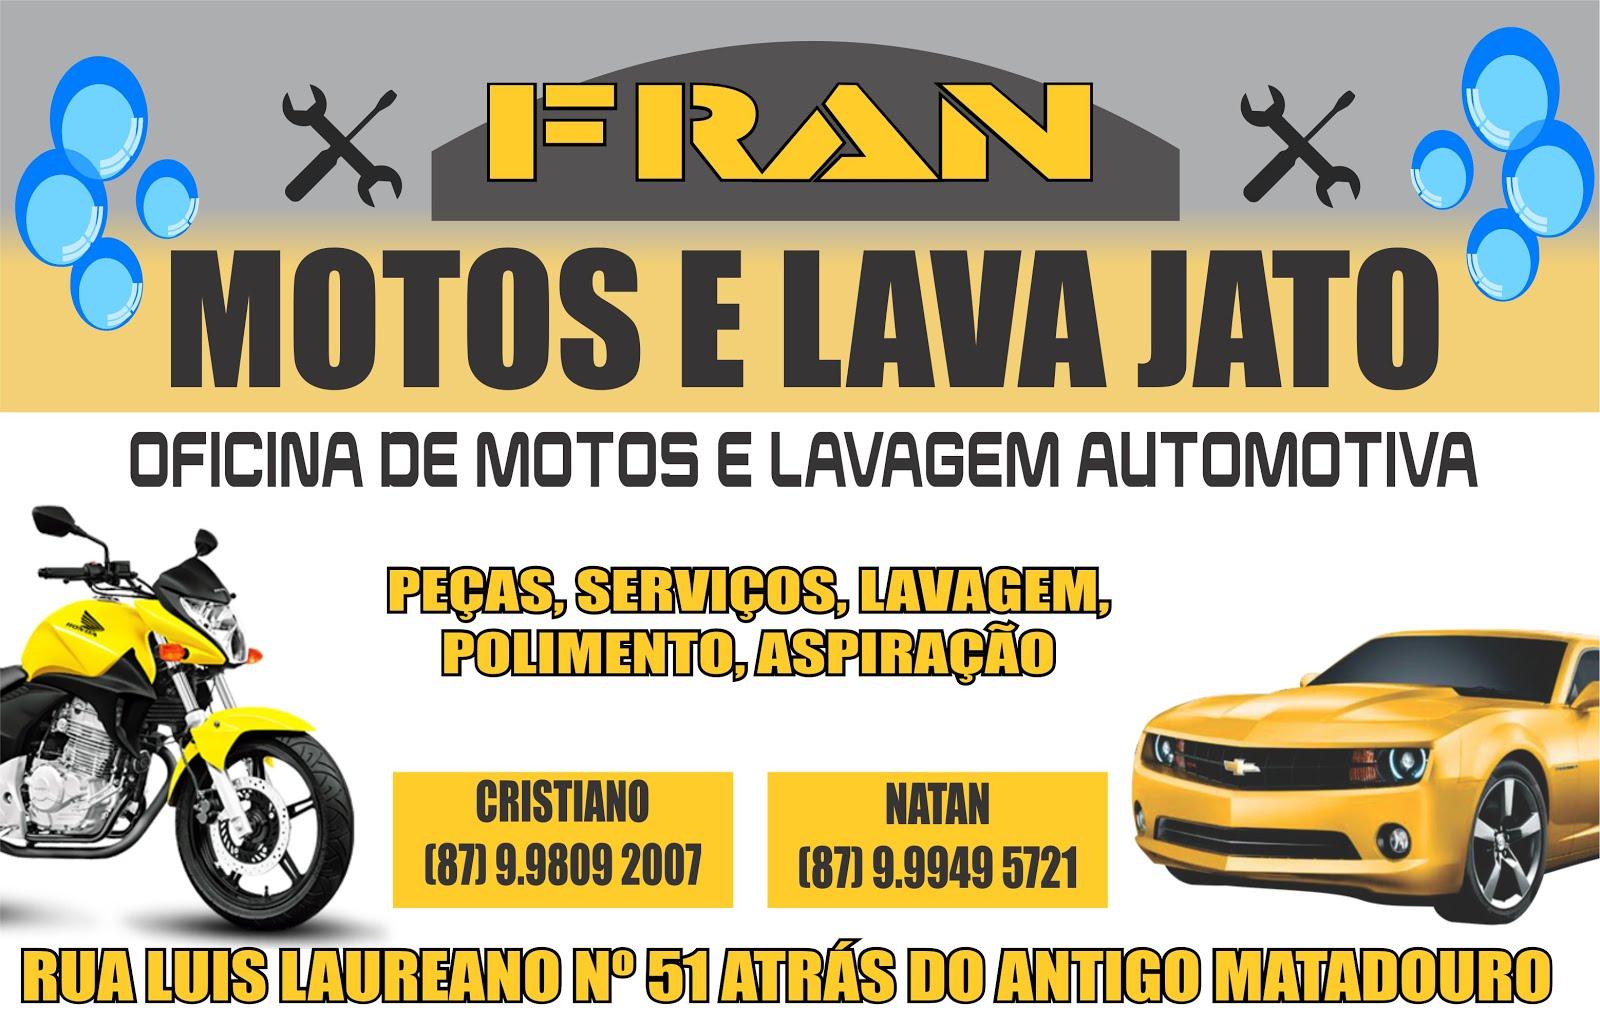 FRAN MOTOS E LAVA JATO